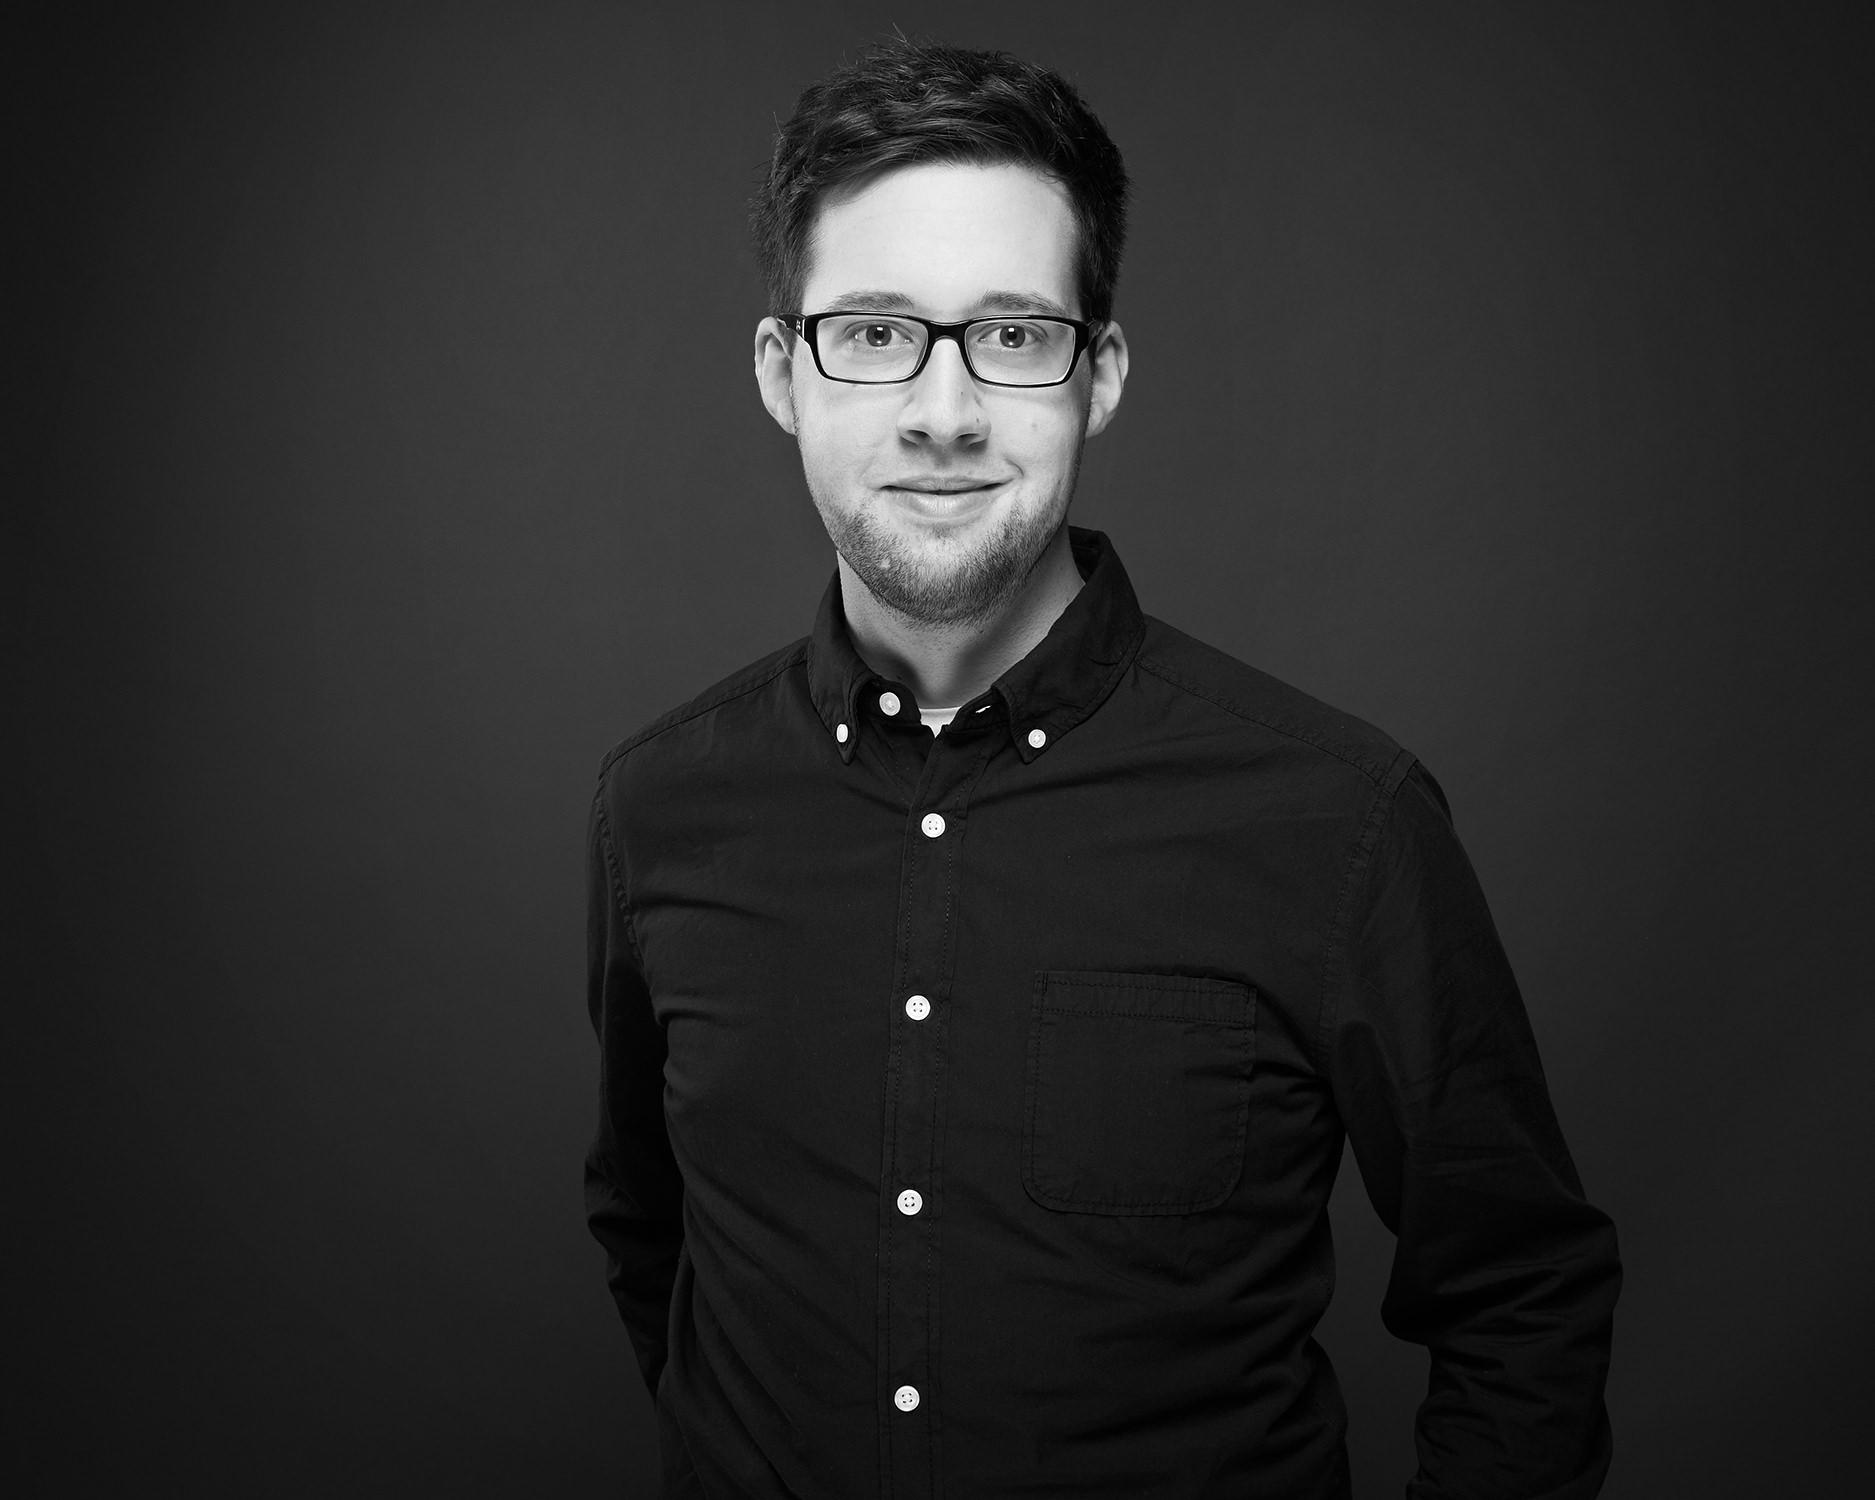 junger Mann Brille Studio Portraitfoto Hemd weiße Knöpfe Jörn Strojny